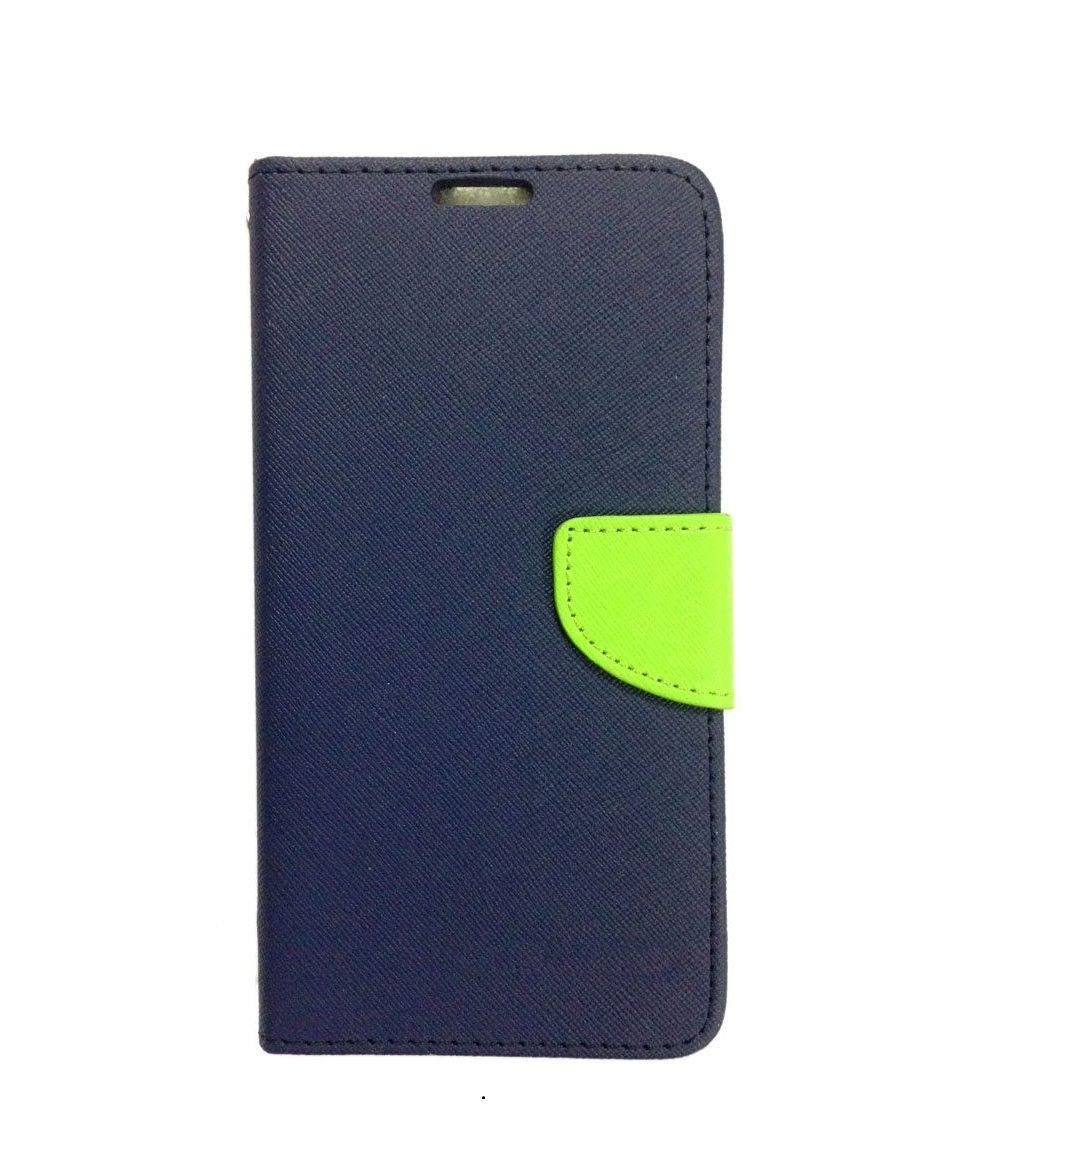 wholesale dealer 0c7f2 6fe4d Nokia X2 Flip Cover by JMD - Blue